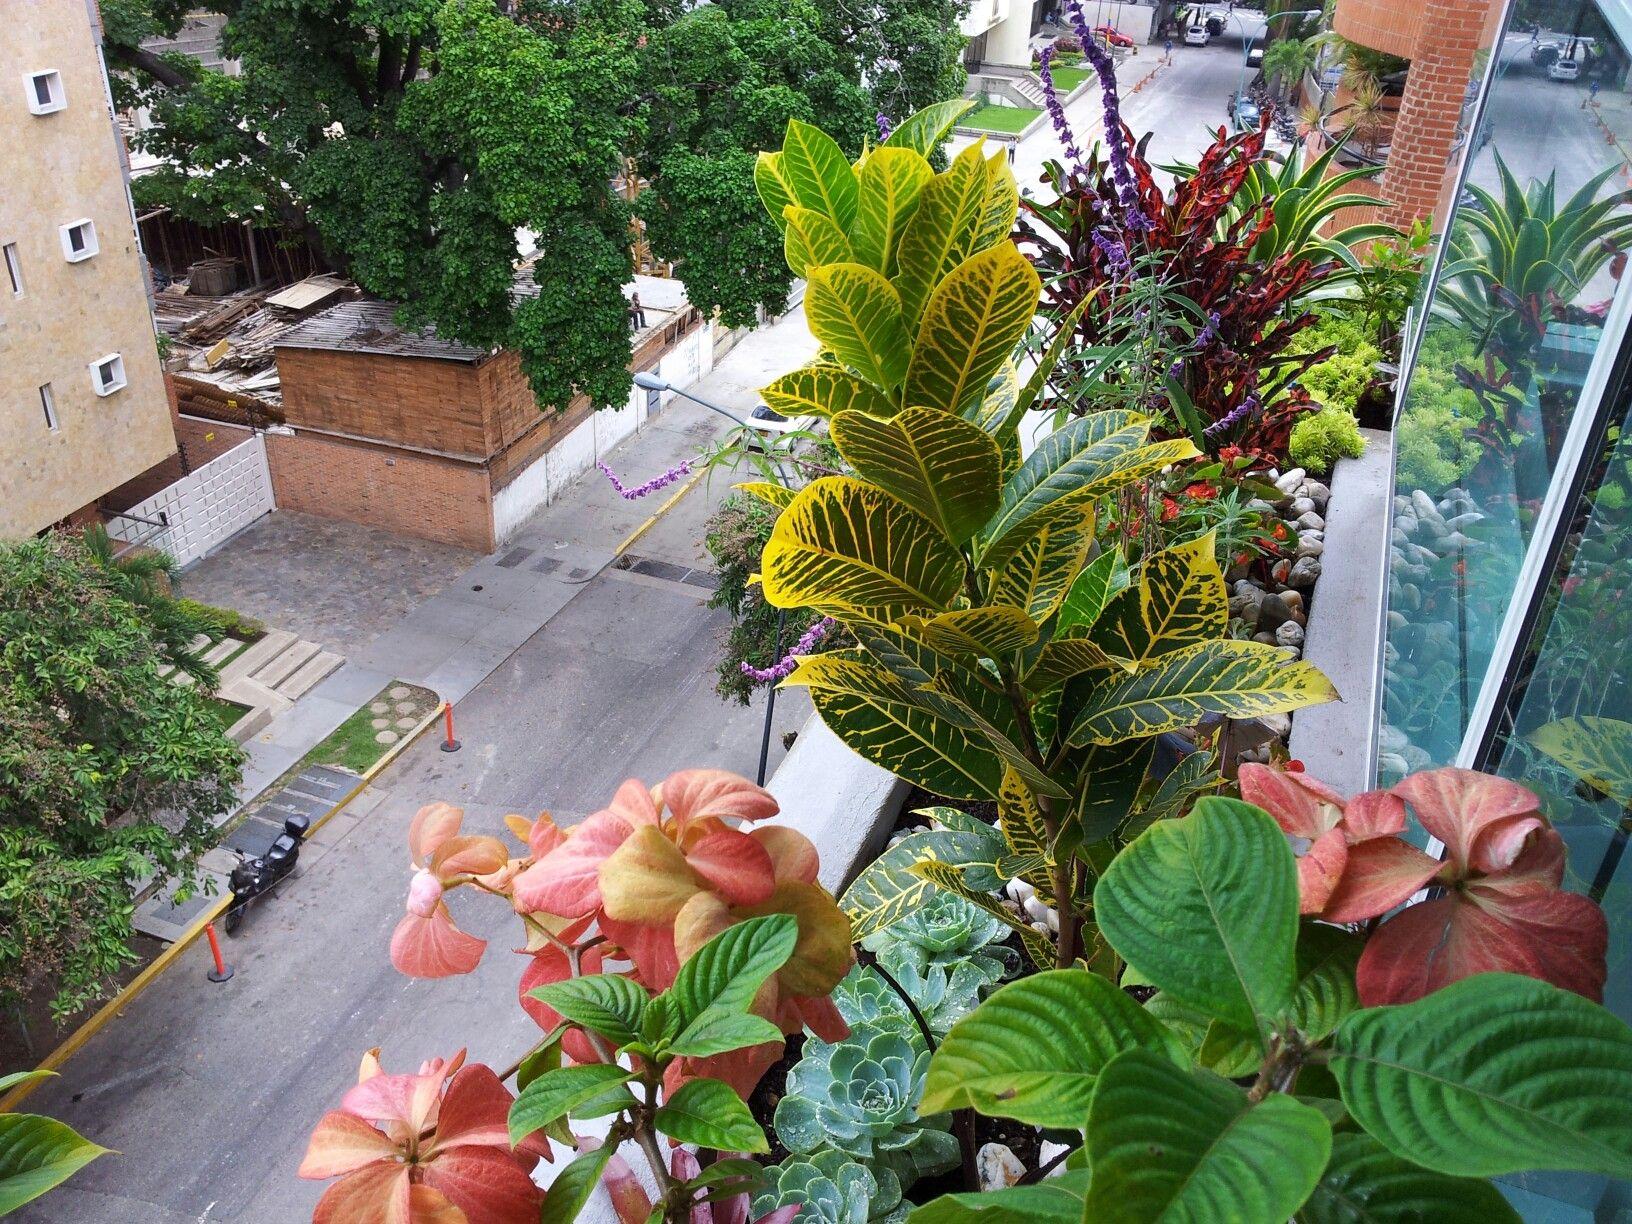 Flores plantas crotos bromelias paisajismo color for Paisajismo jardines